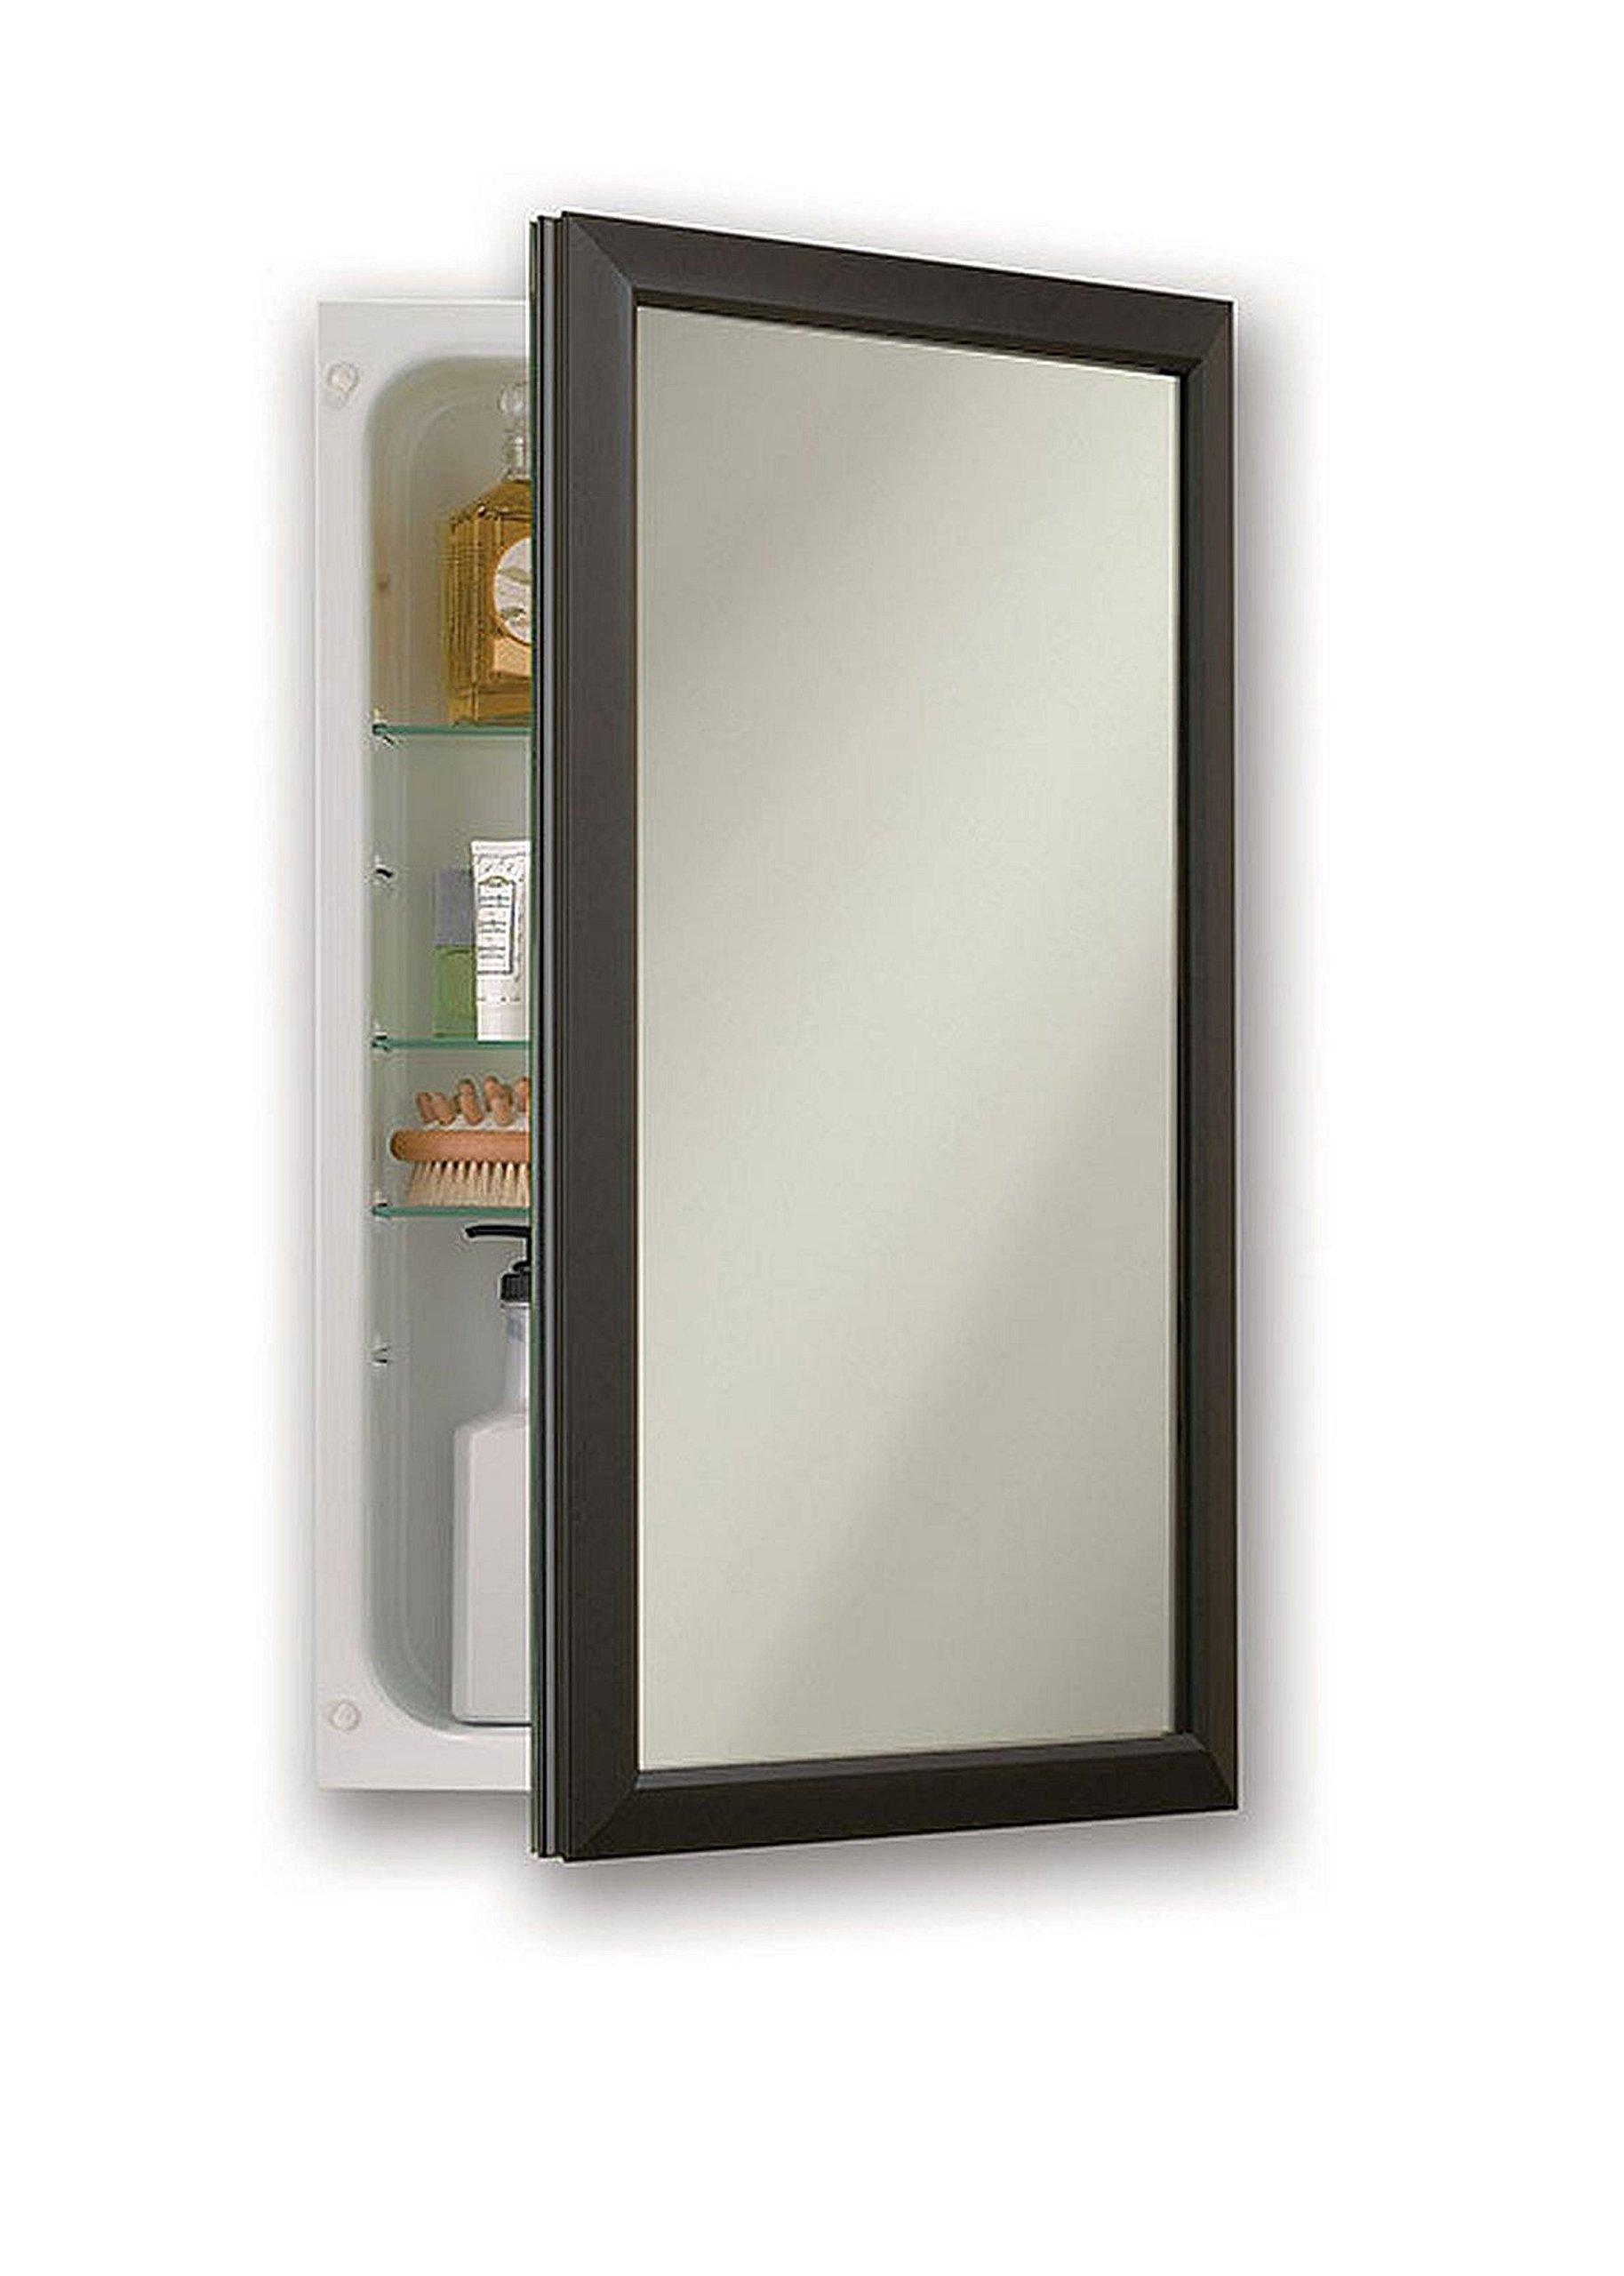 Jensen 625N244BZCX Bronze Frame Medicine Cabinet, 15.75'' x 25.5'' by Jensen